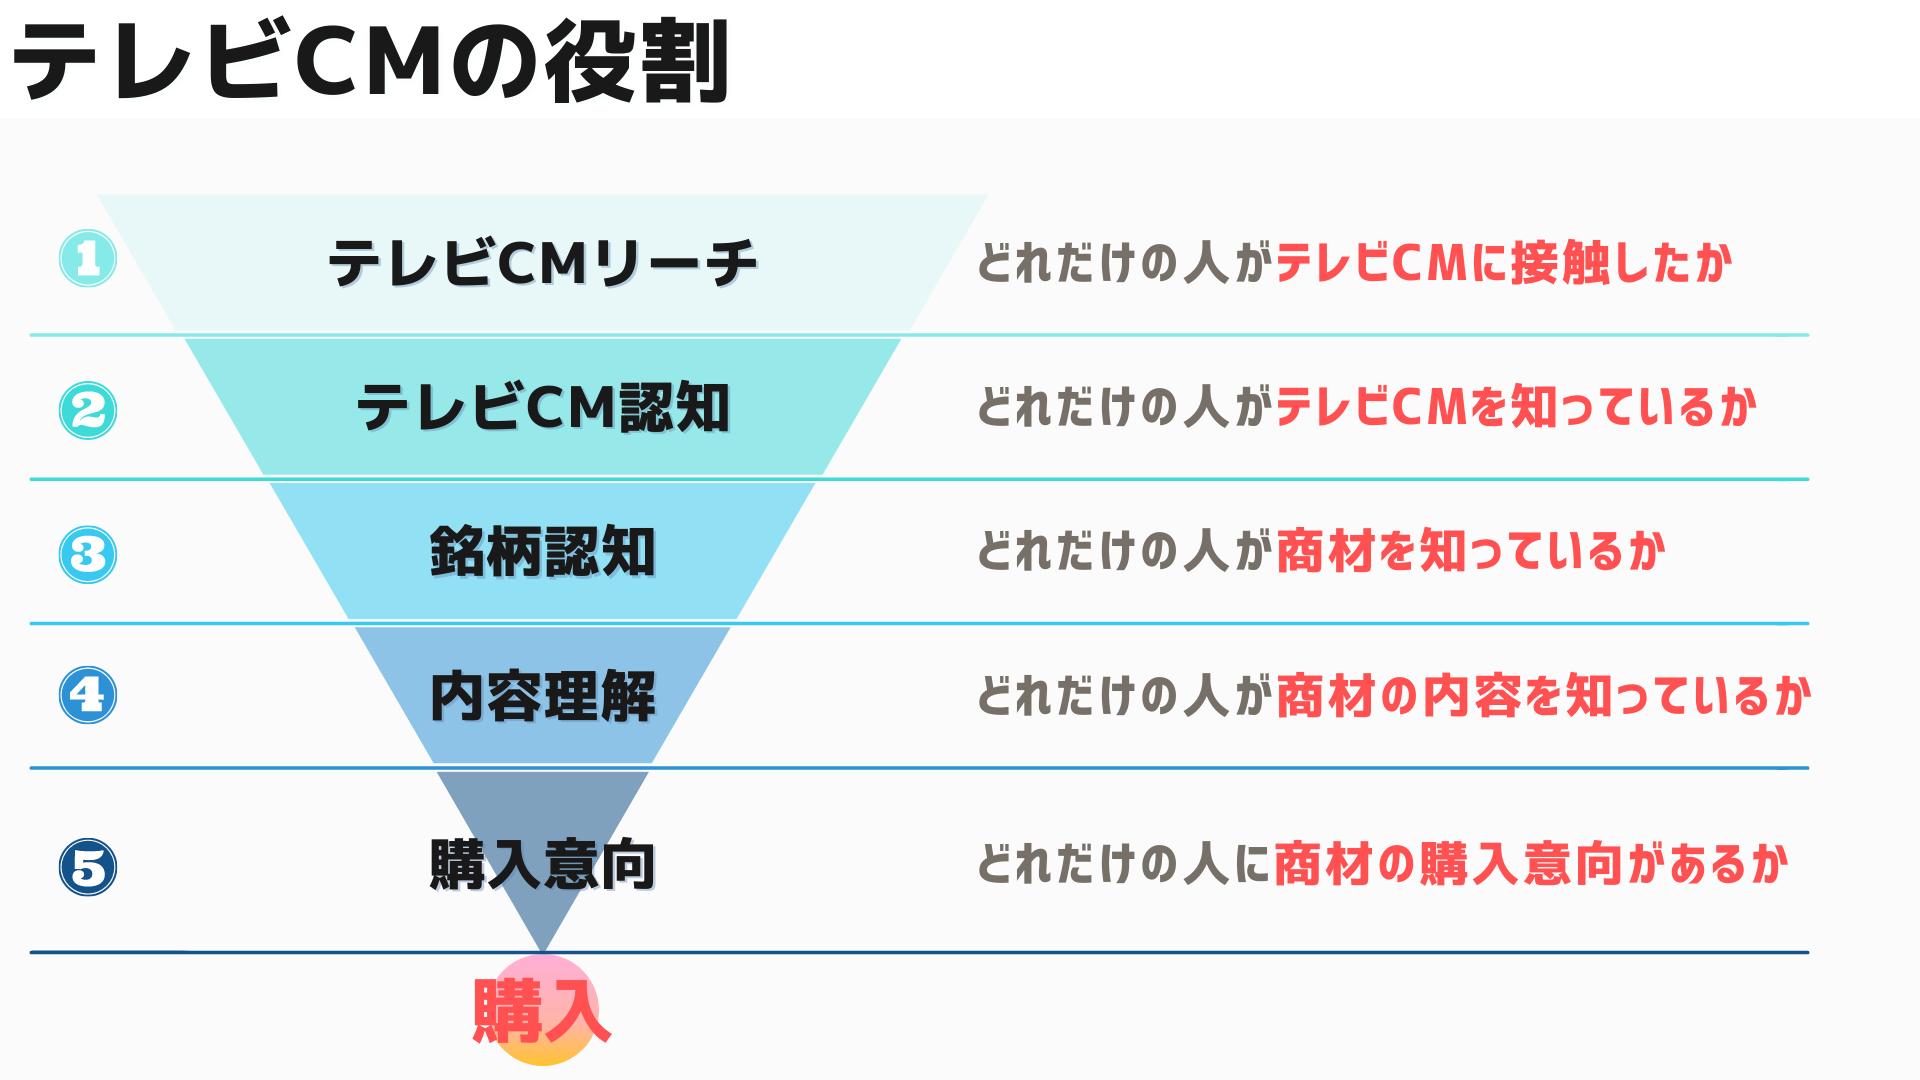 テレビCMの役割